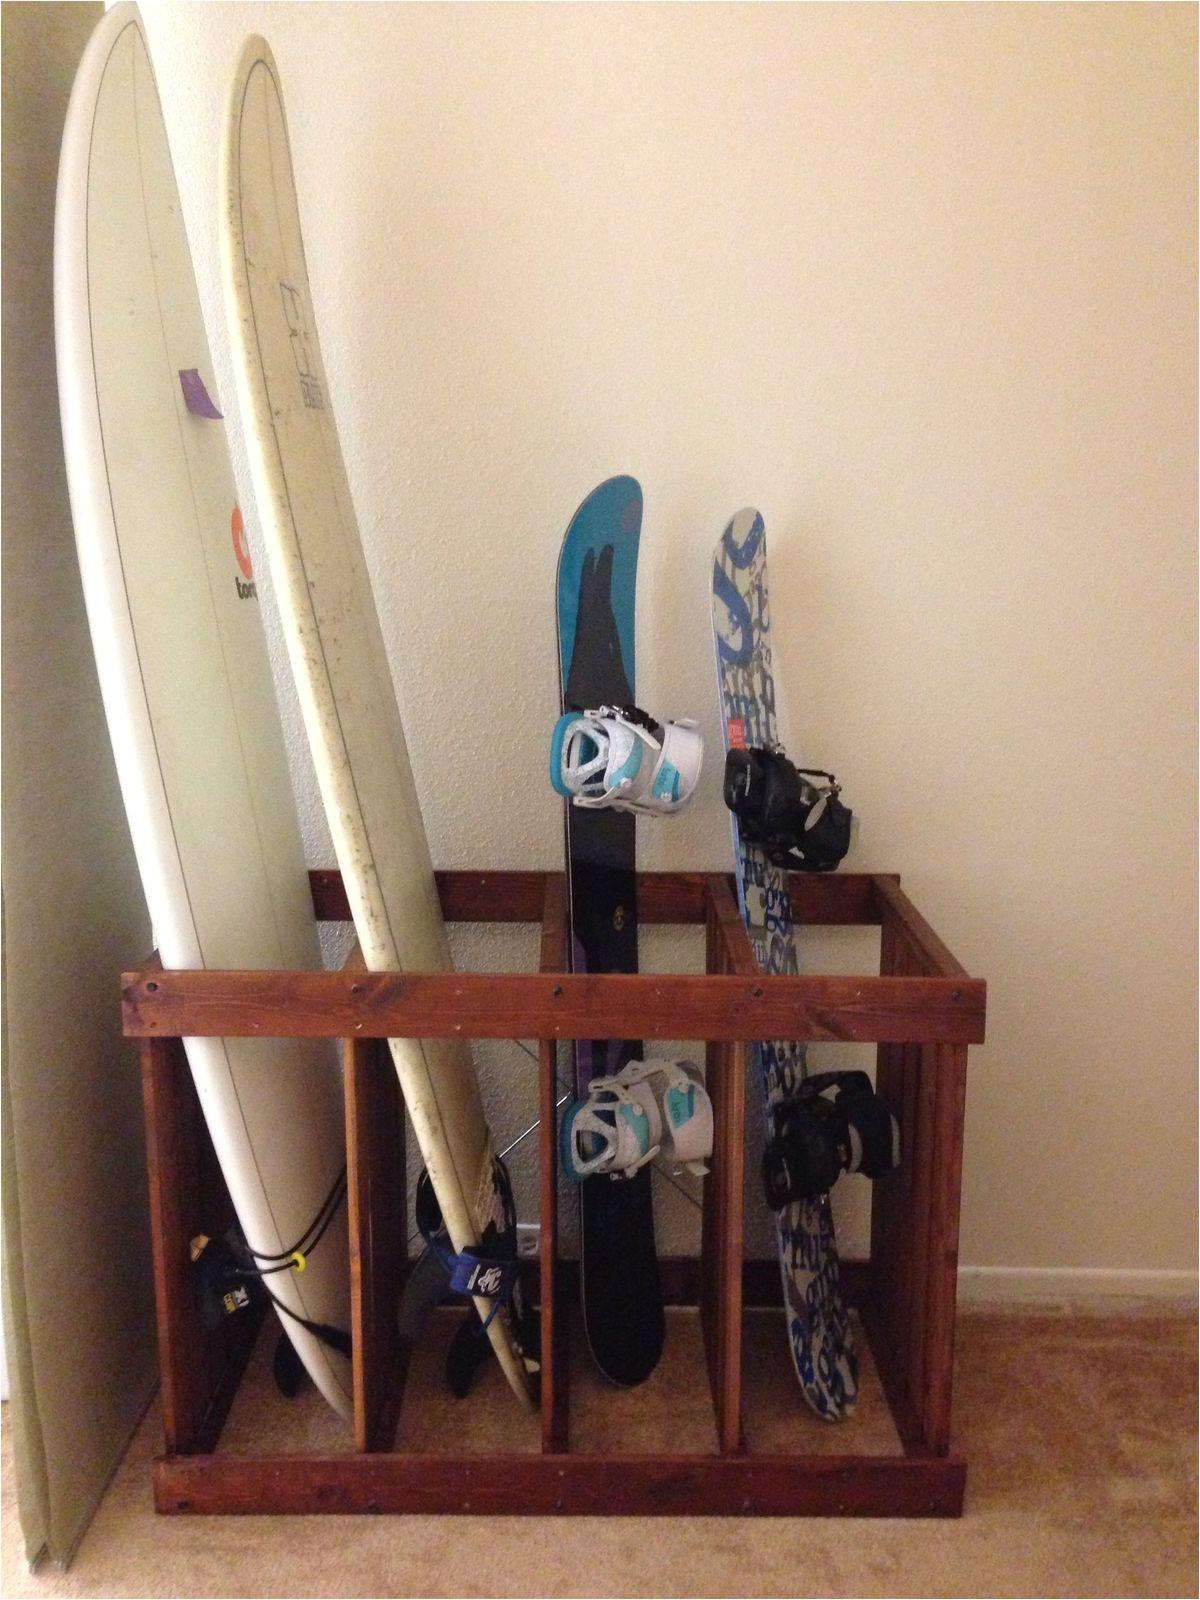 ikea gorm shelf turned sideways wood stain board rack